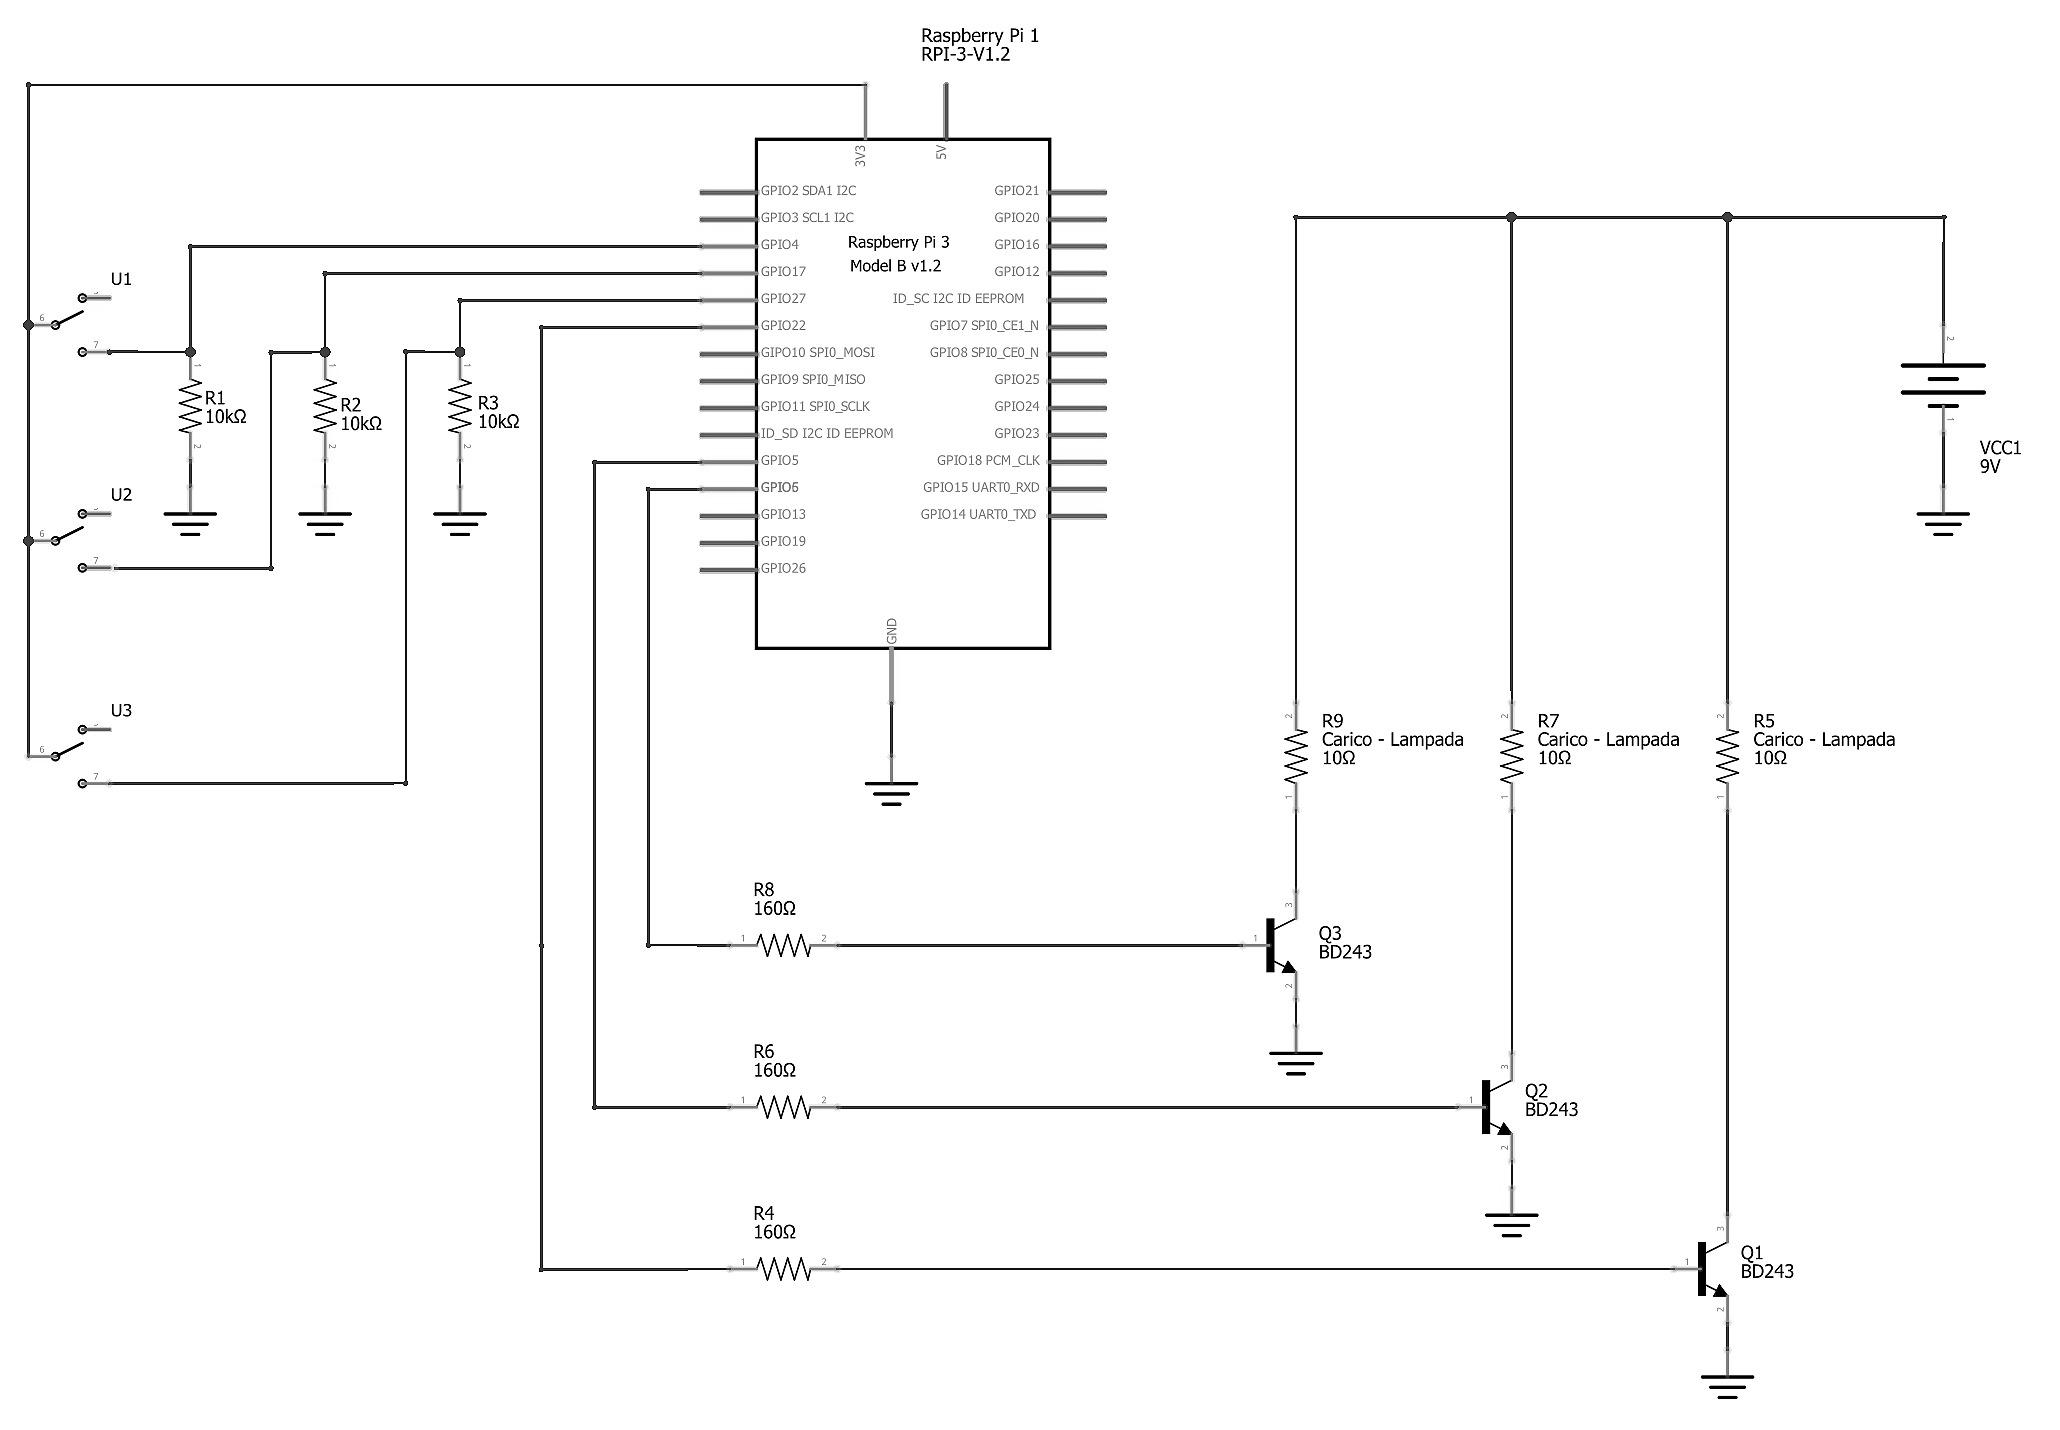 Realizziamo applicazioni IoT con il Raspberry Pi 3: gestione del personale  ...